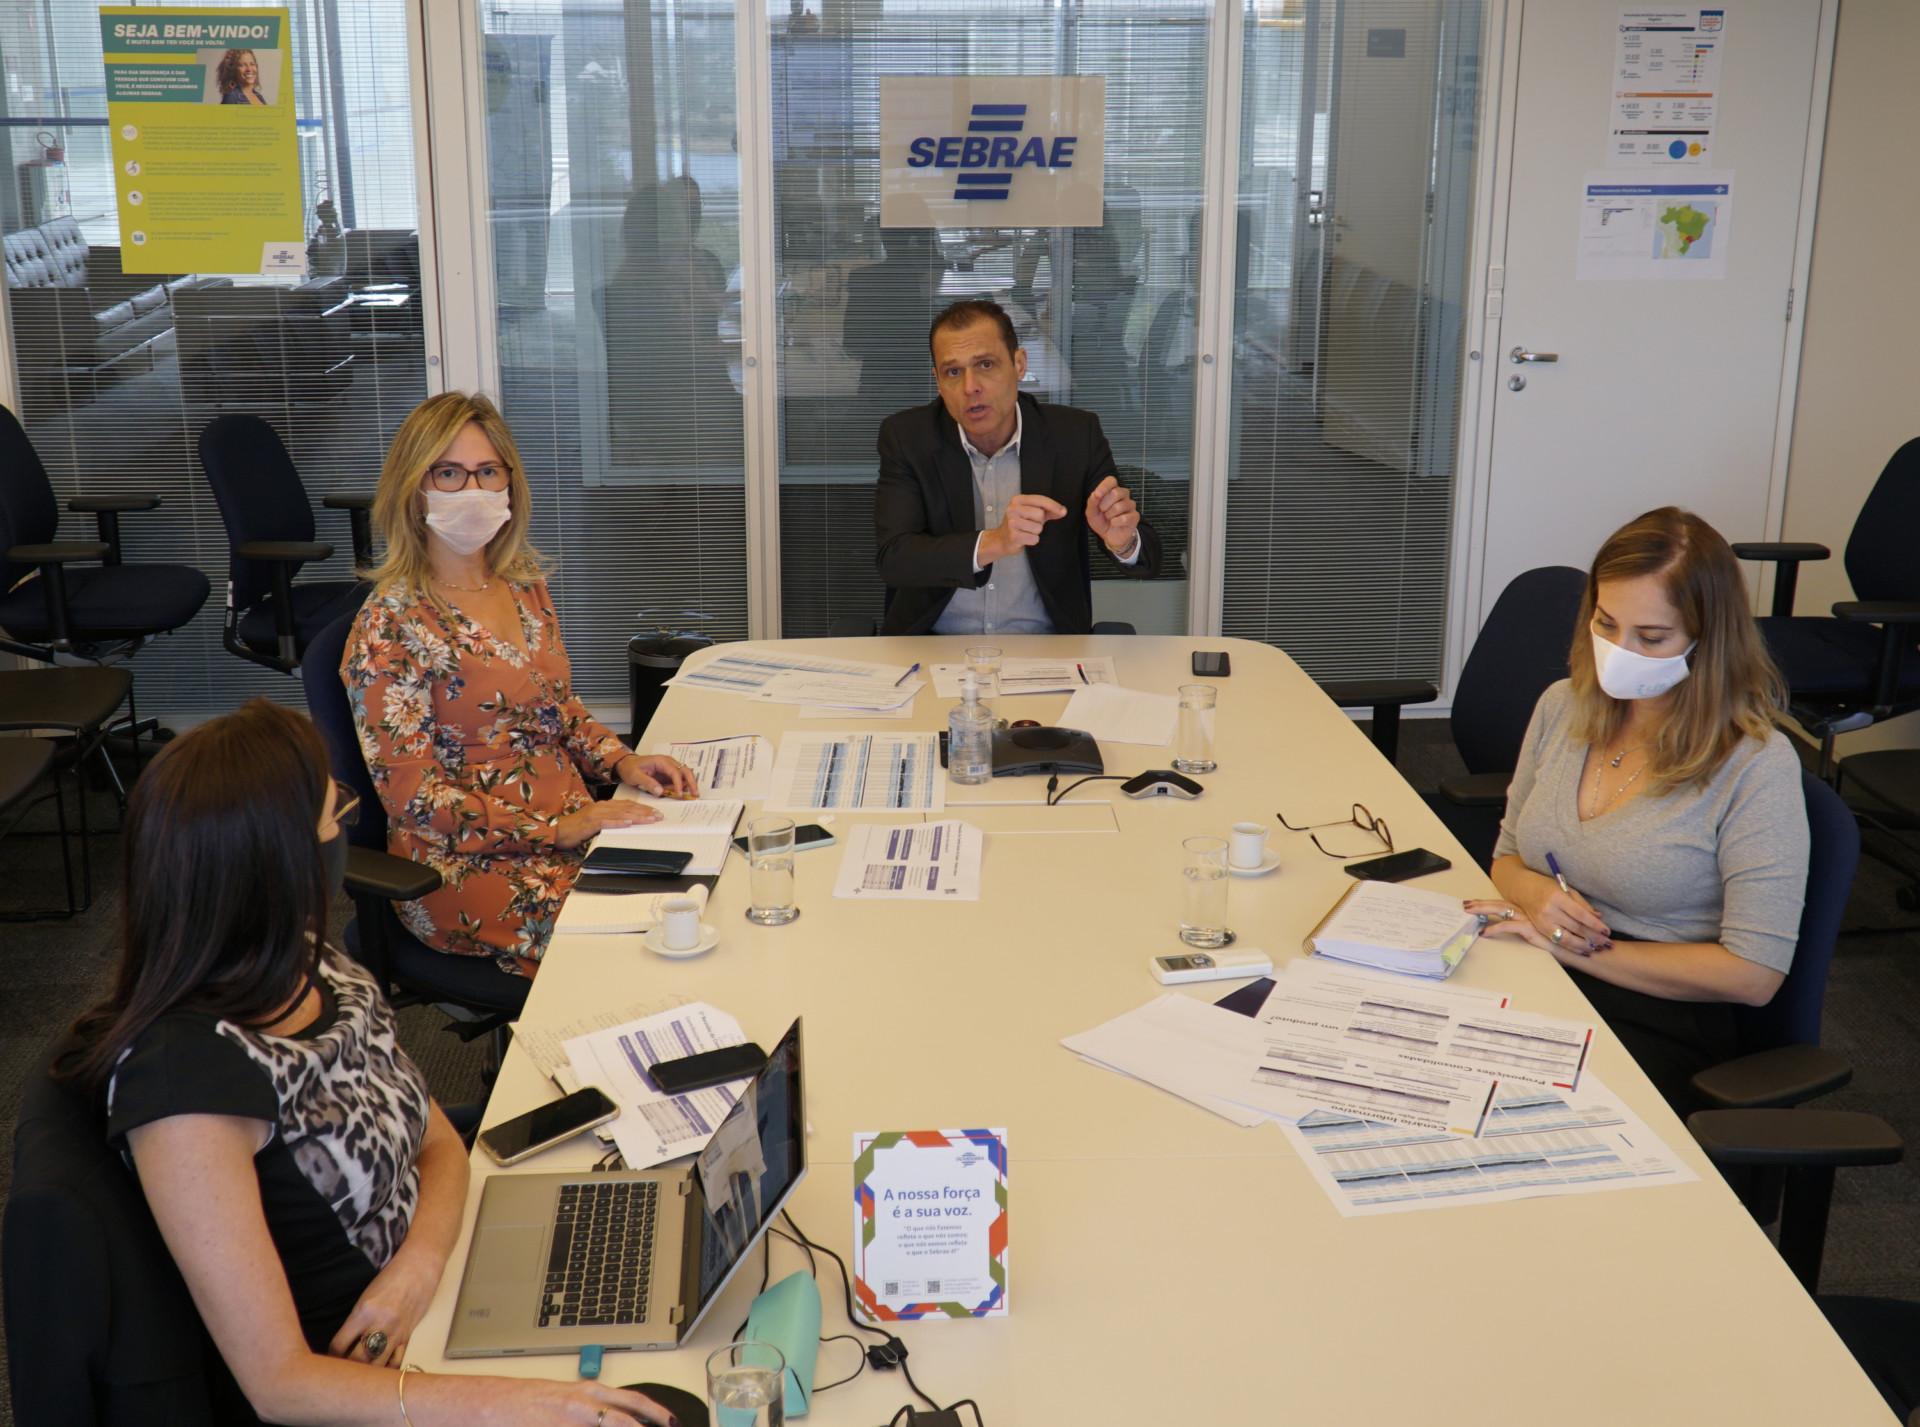 Reunião do Comitê Gestor da Saúde do Sebrae